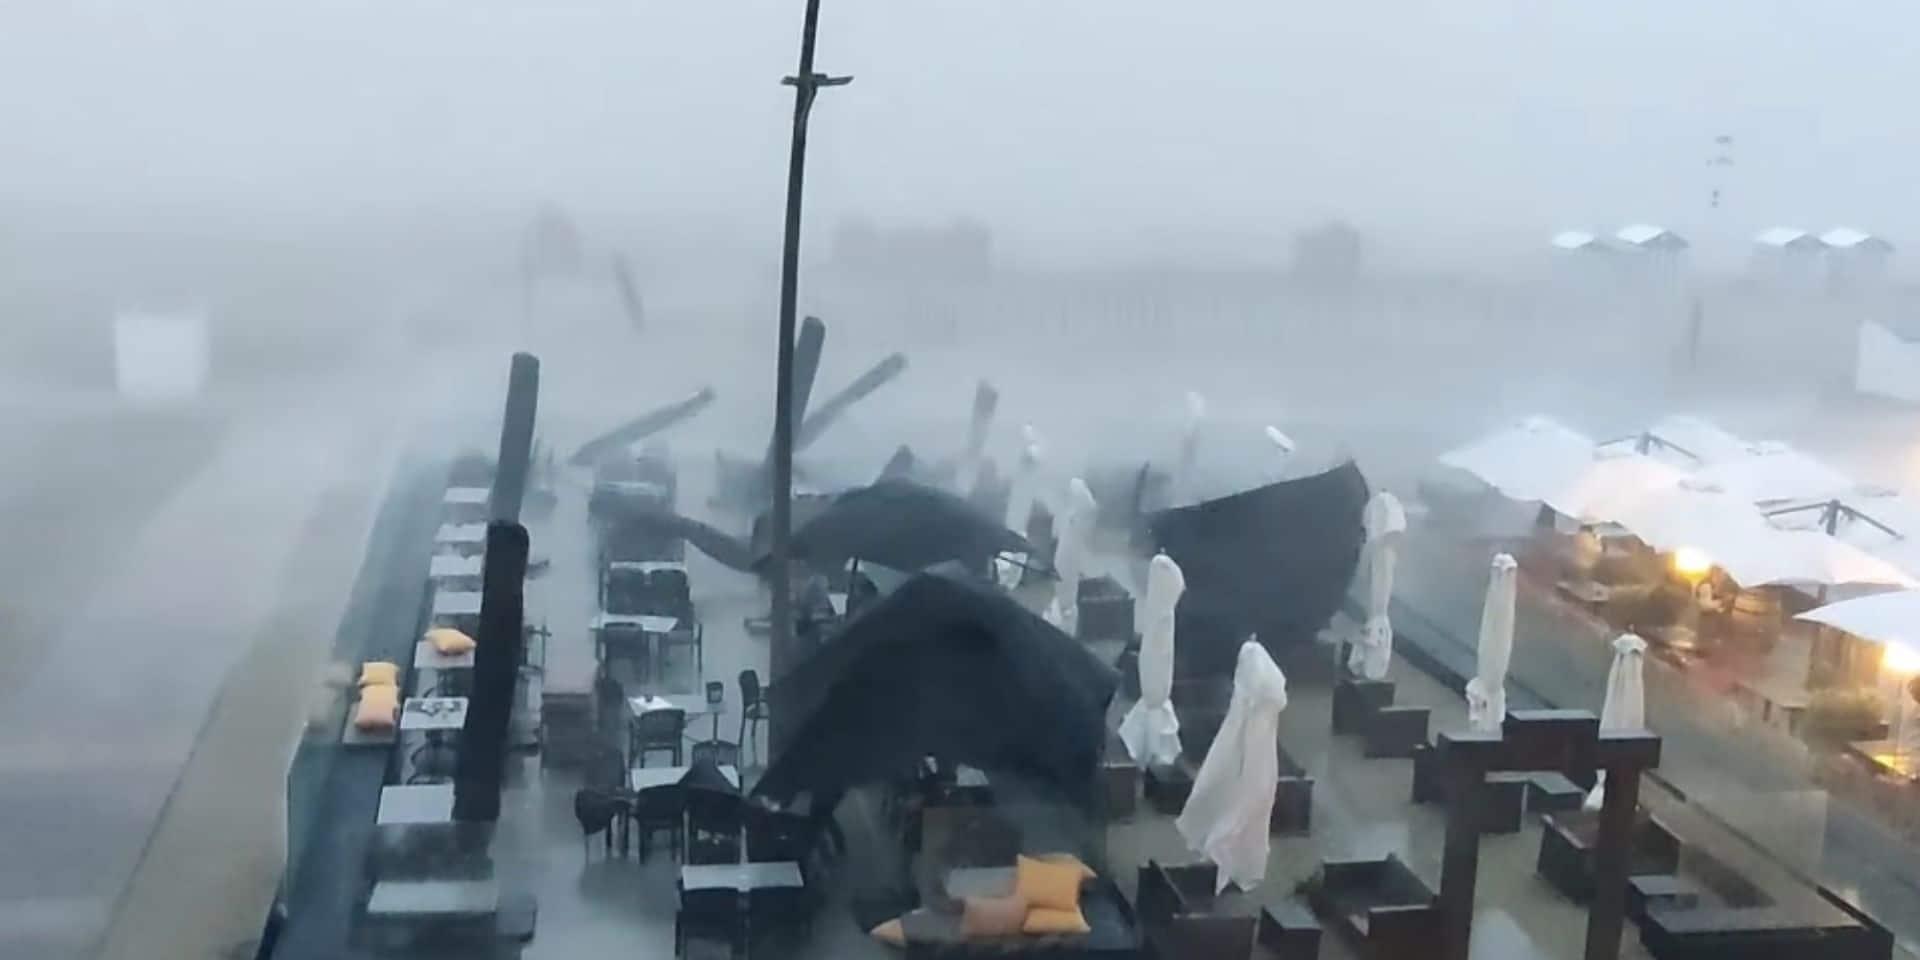 Des terrasses s'envolent à la Côte à cause de l'orage: les clients s'échappent juste à temps (VIDEO)